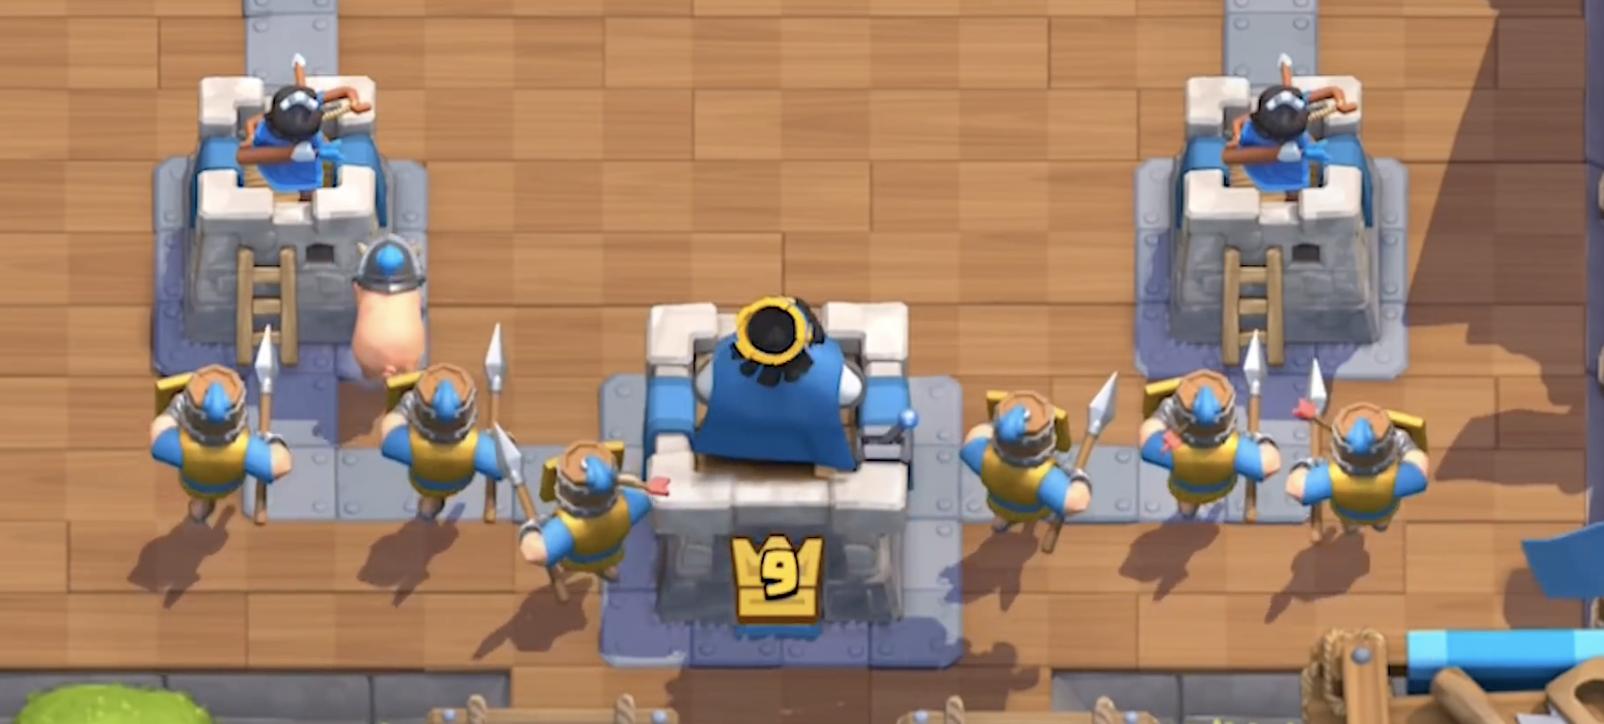 clash royale tournament mode